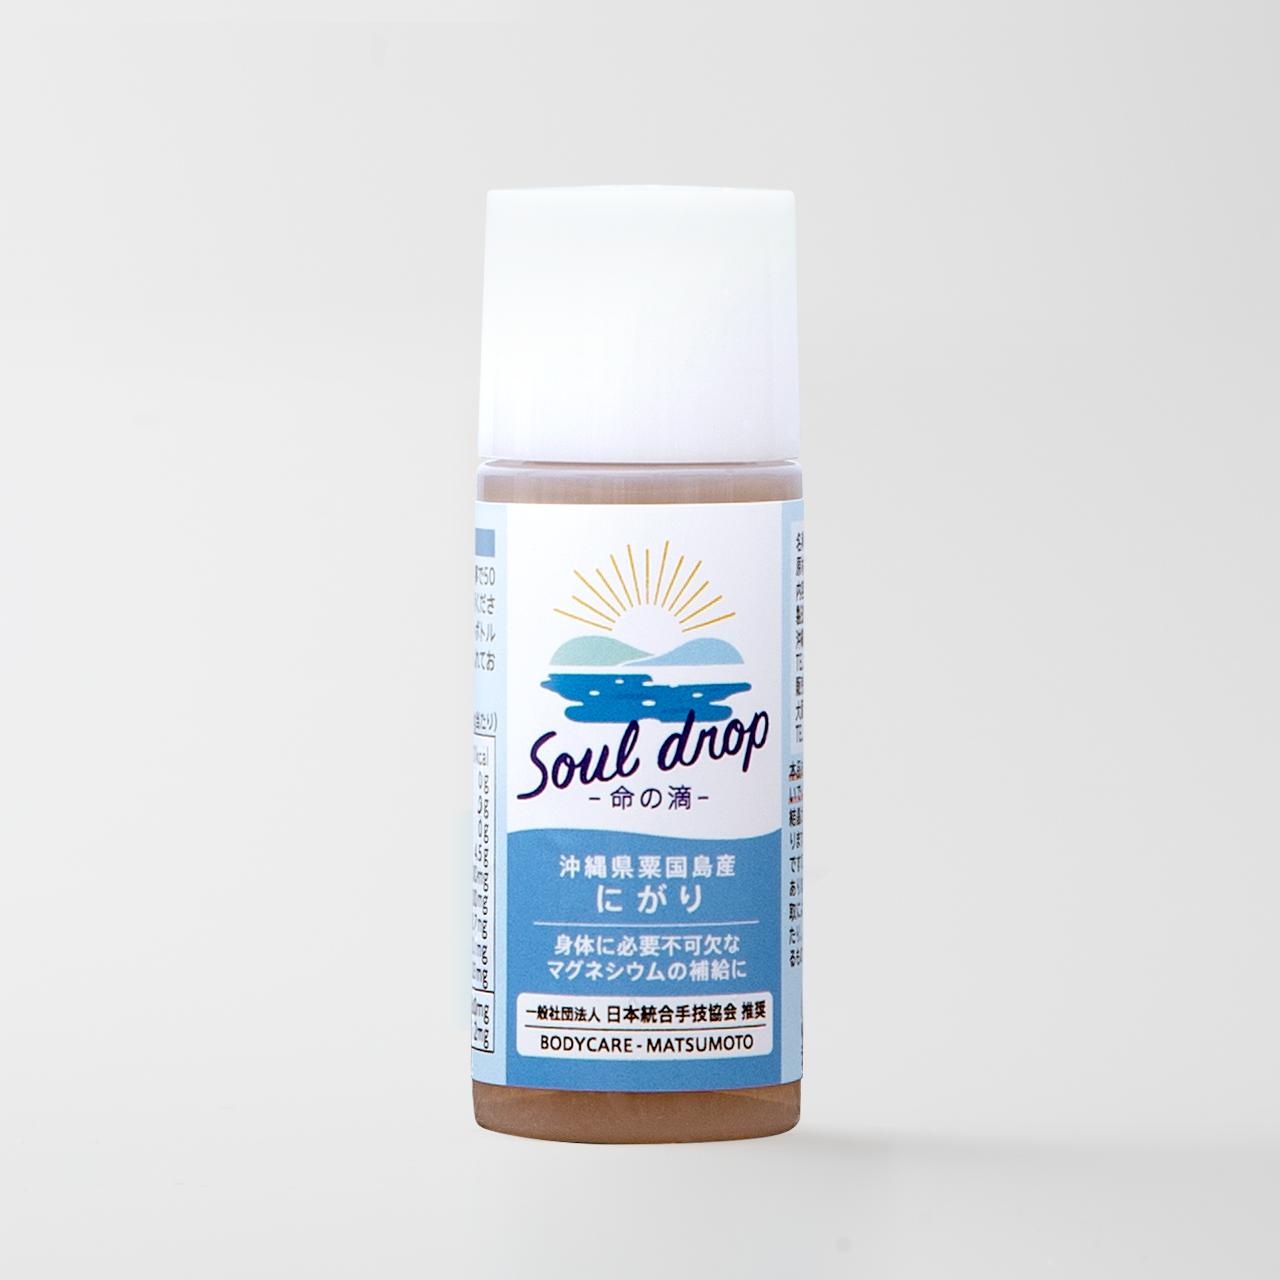 【沖縄天然にがり】Soul drop-命の滴-